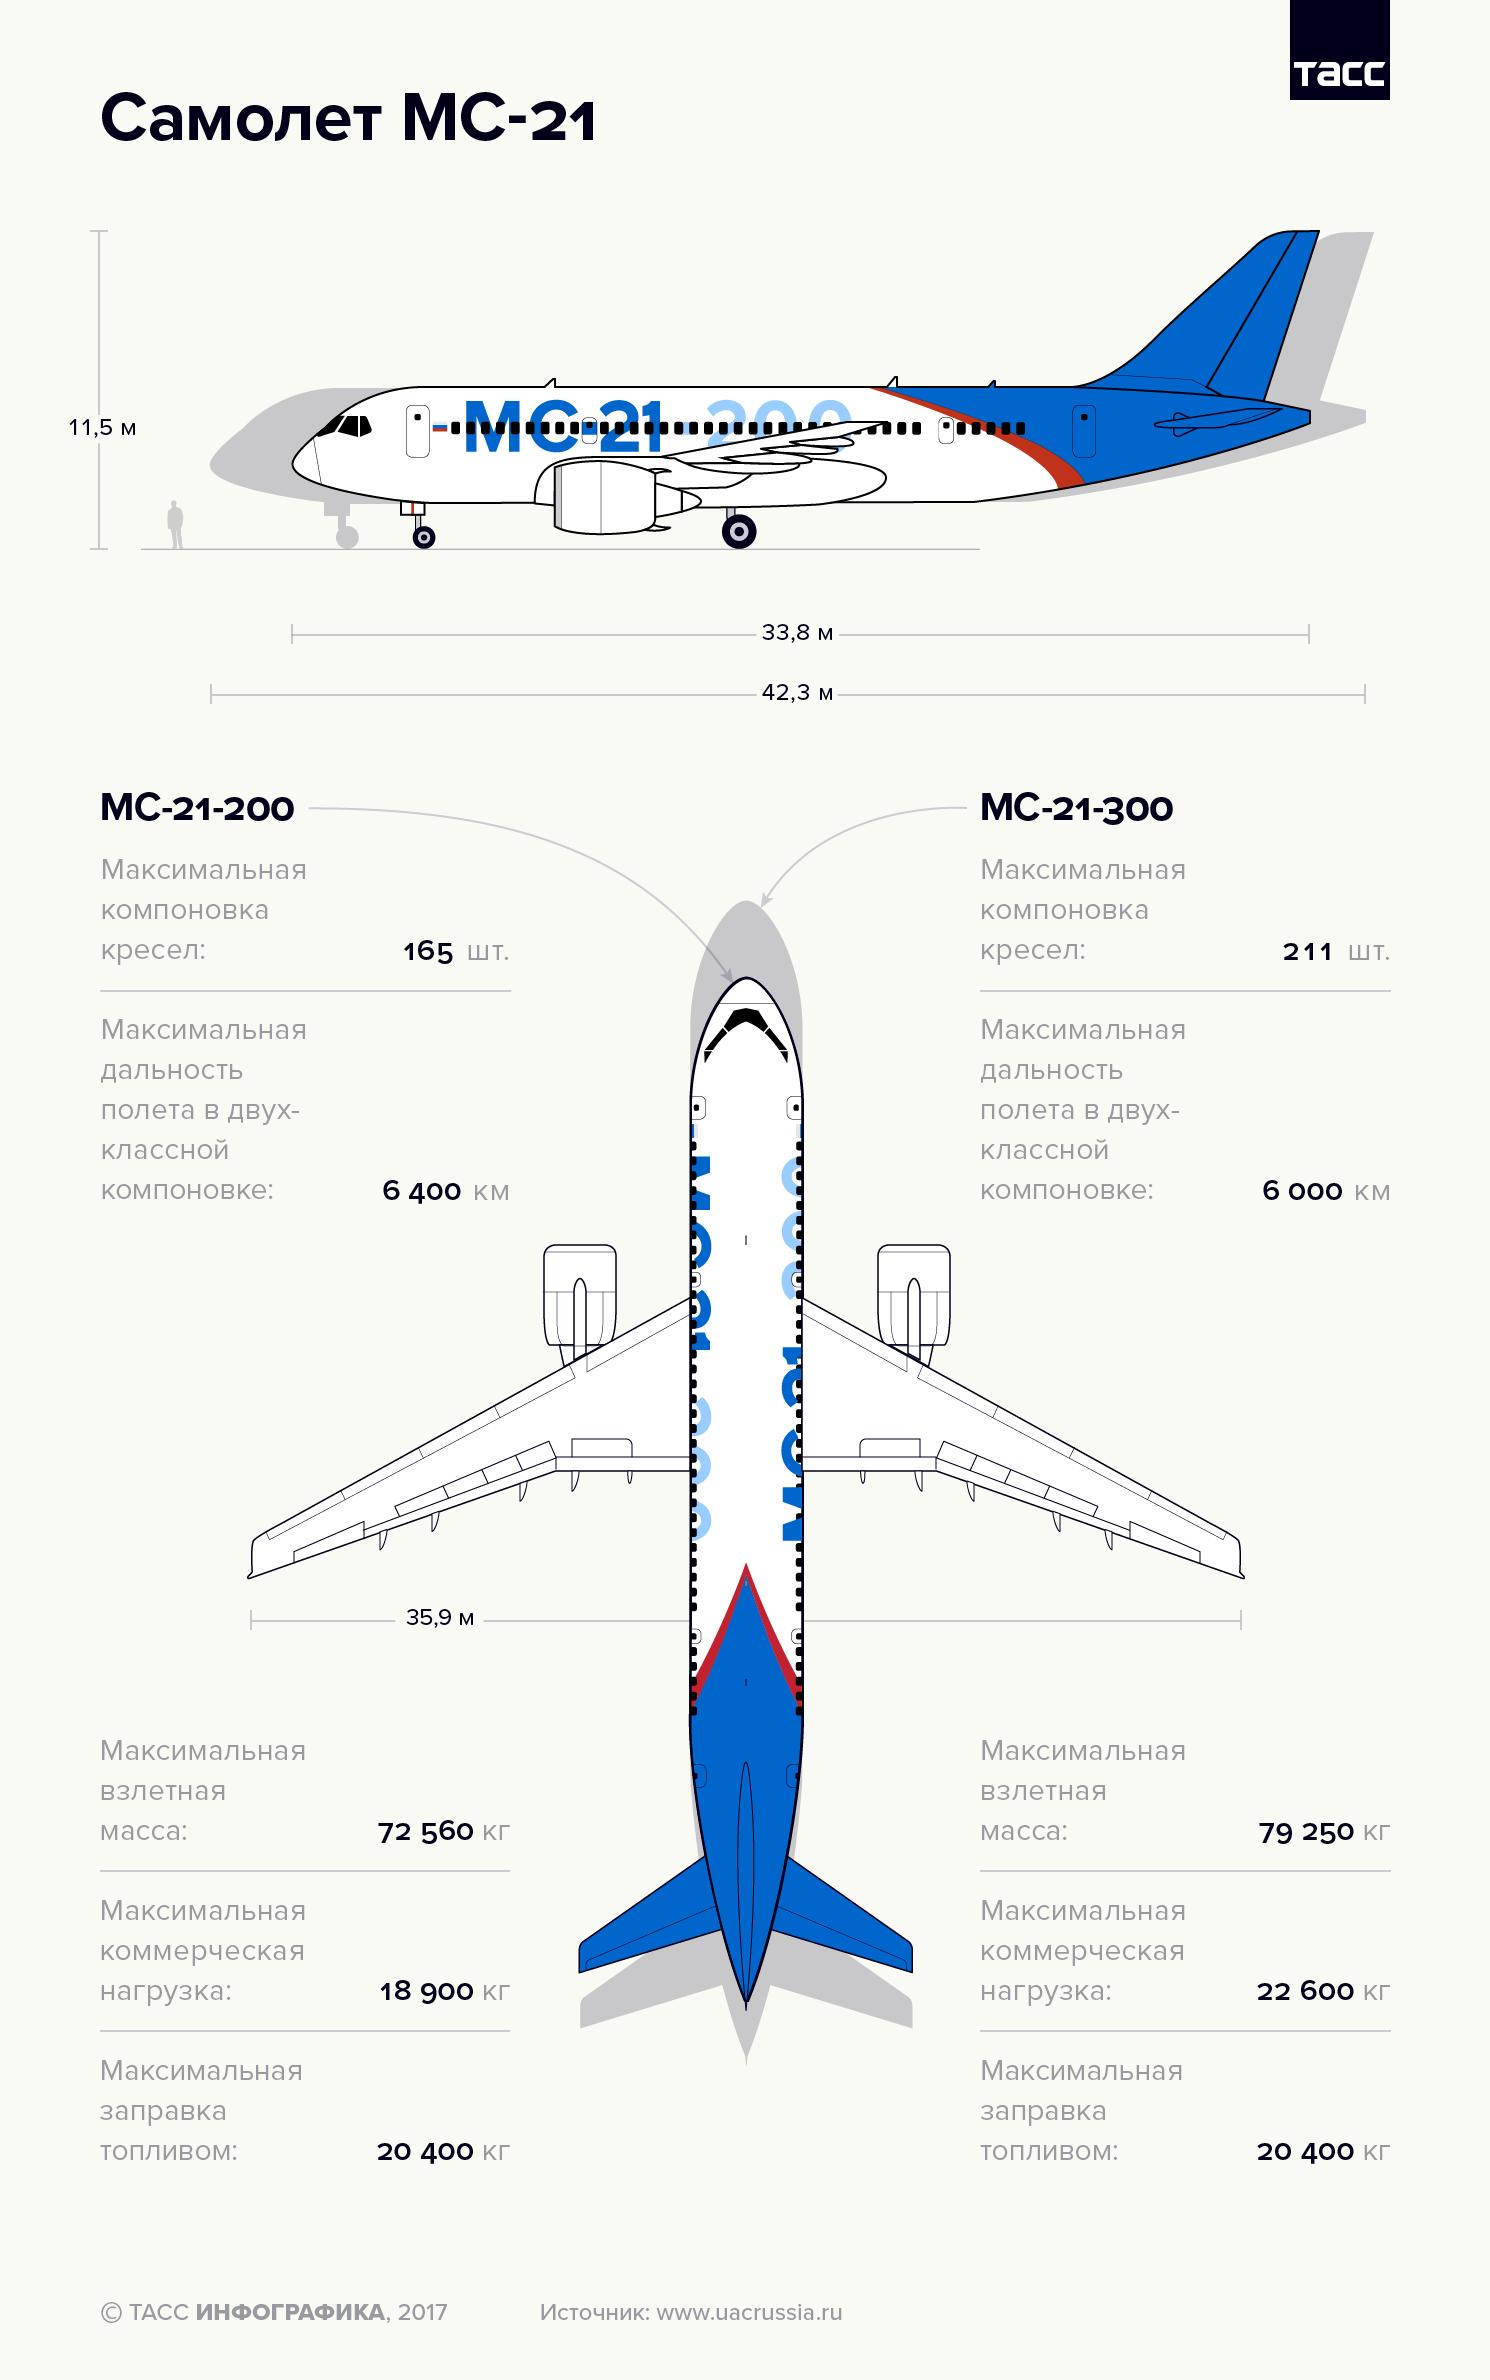 Самолет МС-21<br>Особенности конструкции российского пассажирского авиалайнера нового поколения — в инфографике ТАСС.